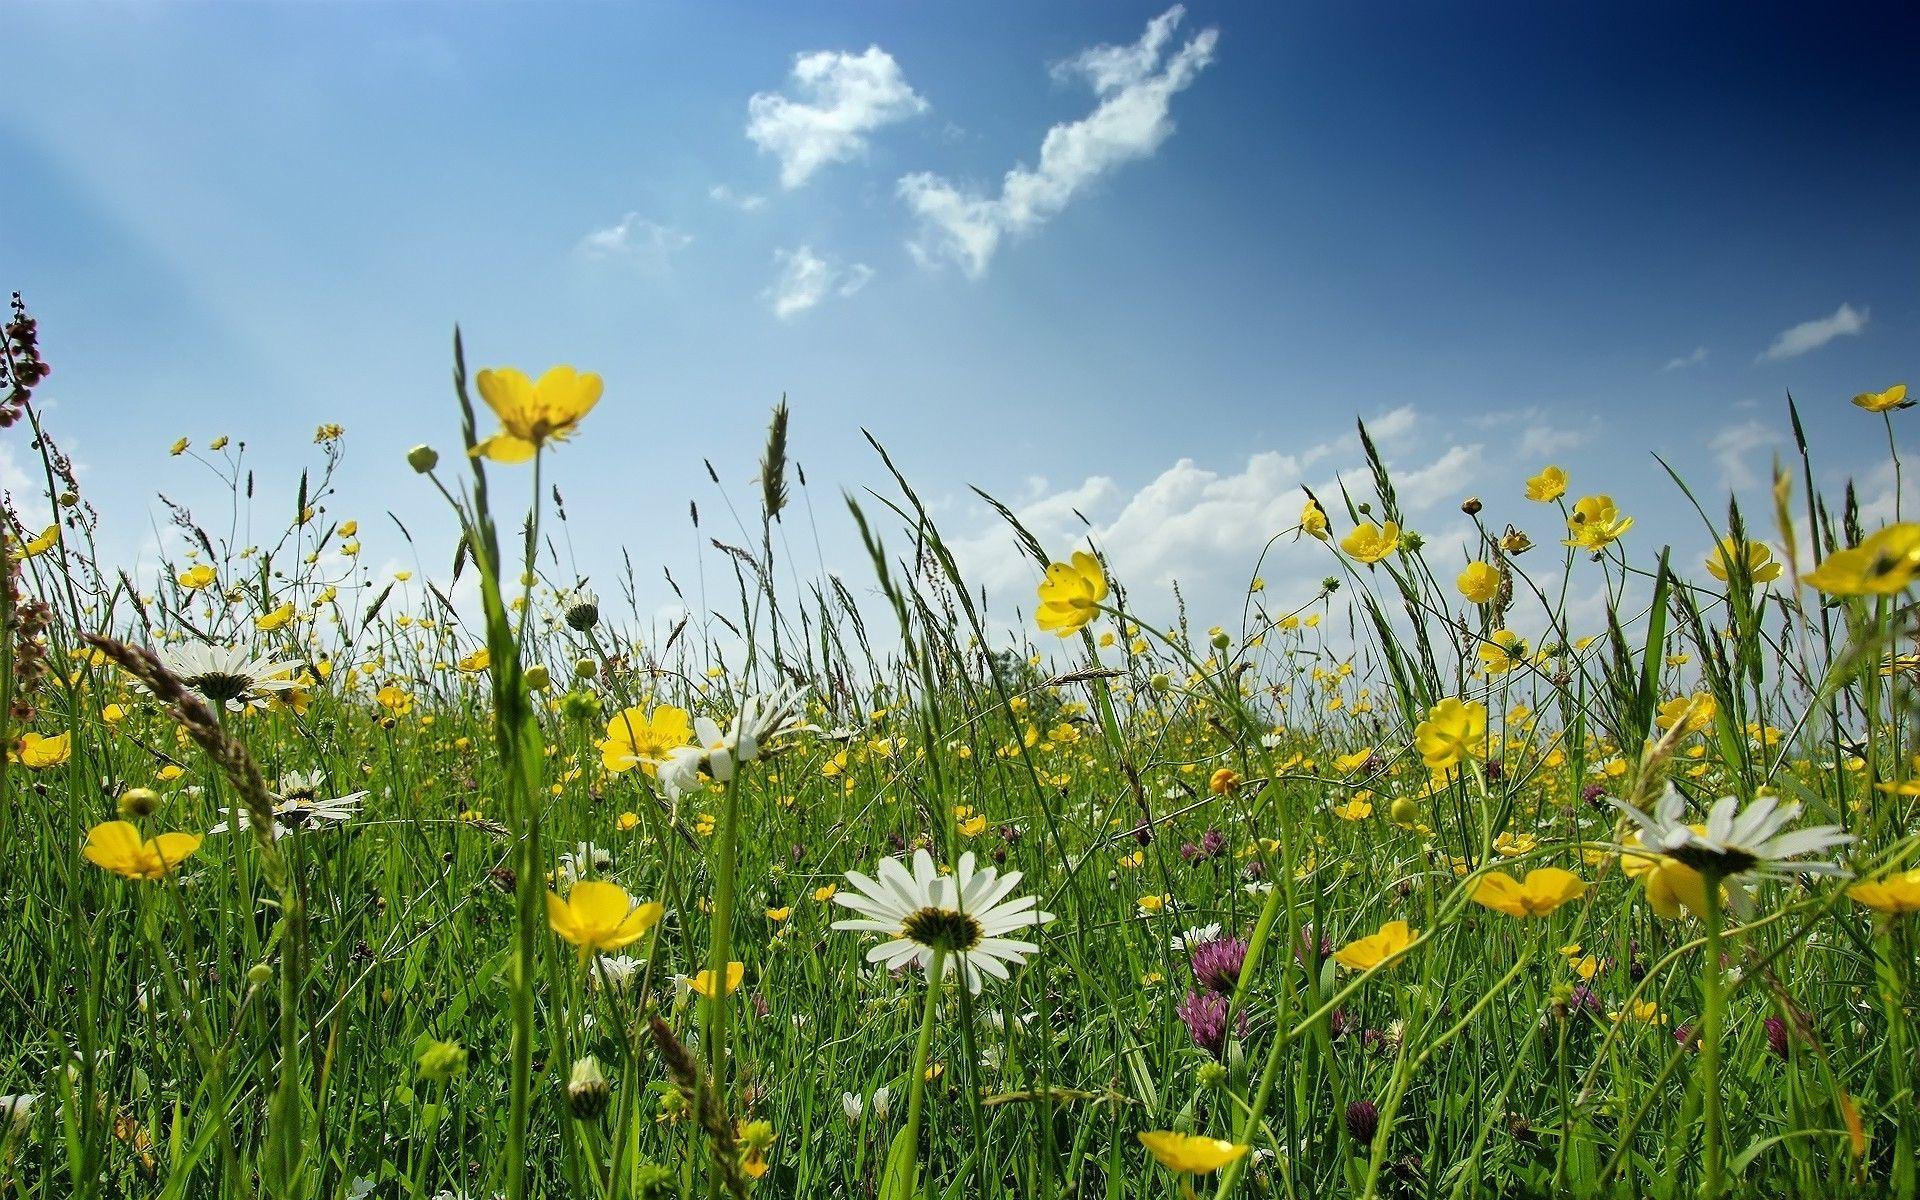 Field of Wildflowers Wallpaper Wildflowers HD Wallpaper